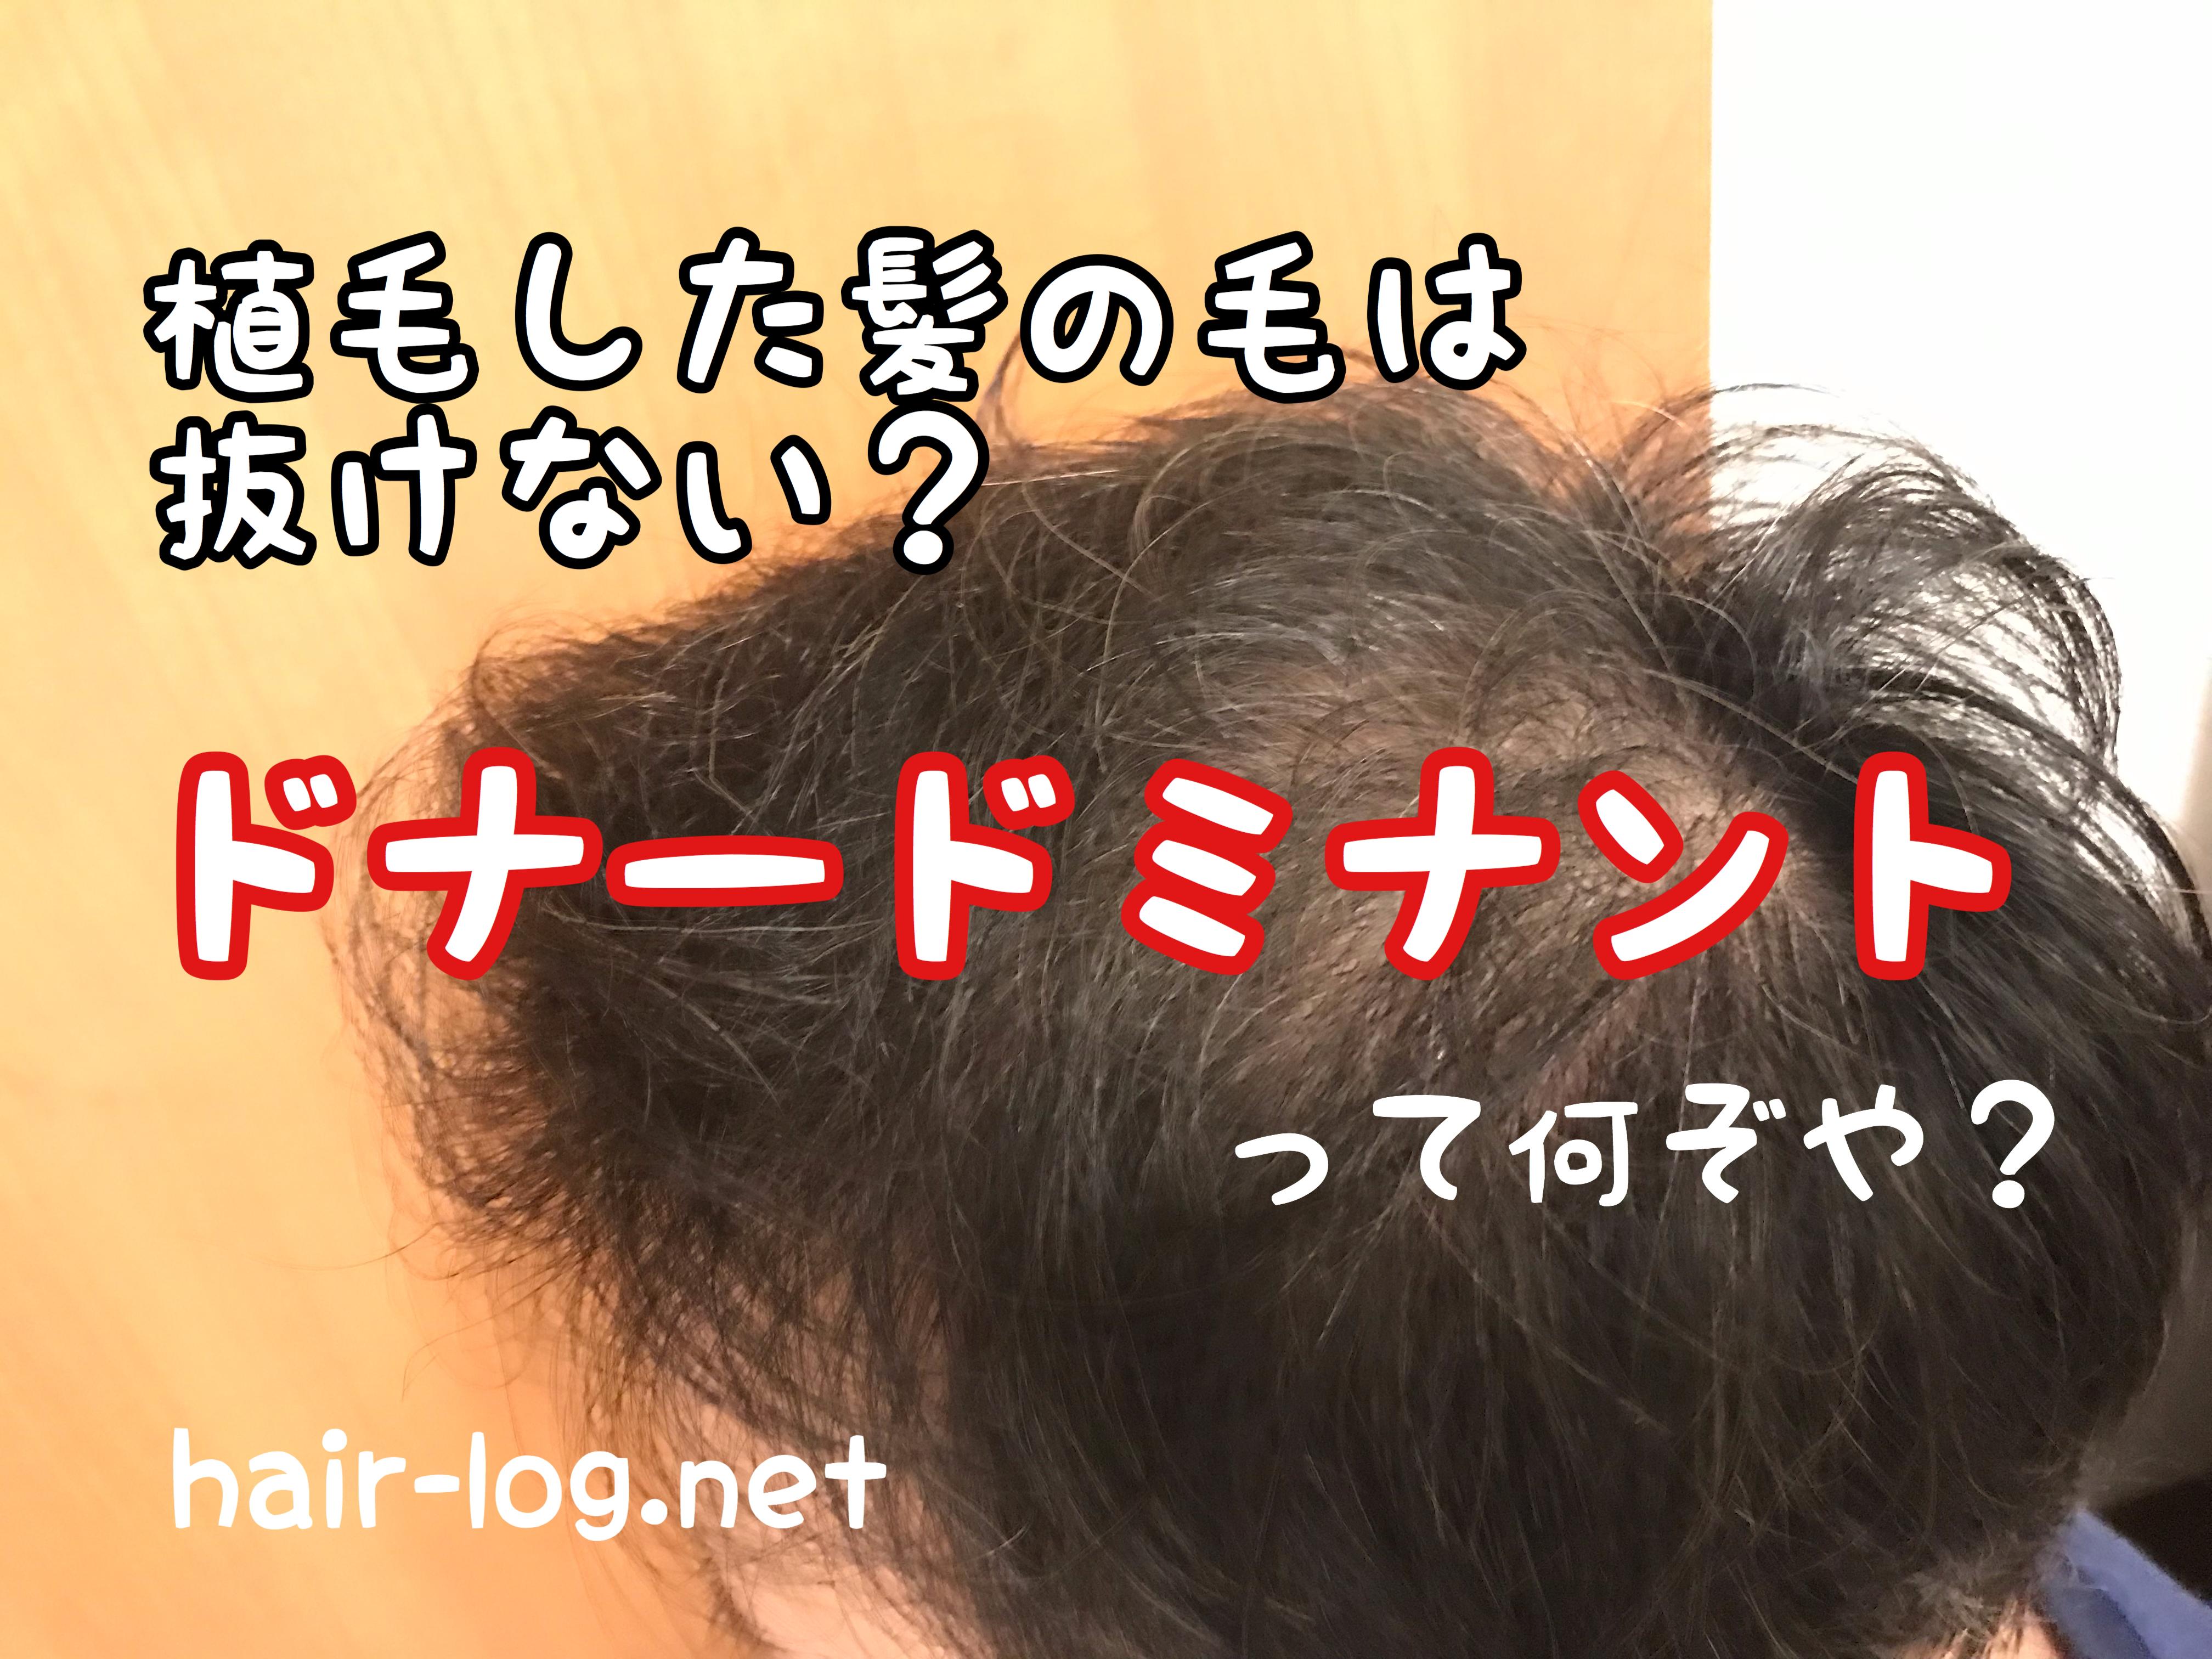 【植毛手術後199日目】植毛した髪の毛は抜けない?ドナードミナントって何ぞや?